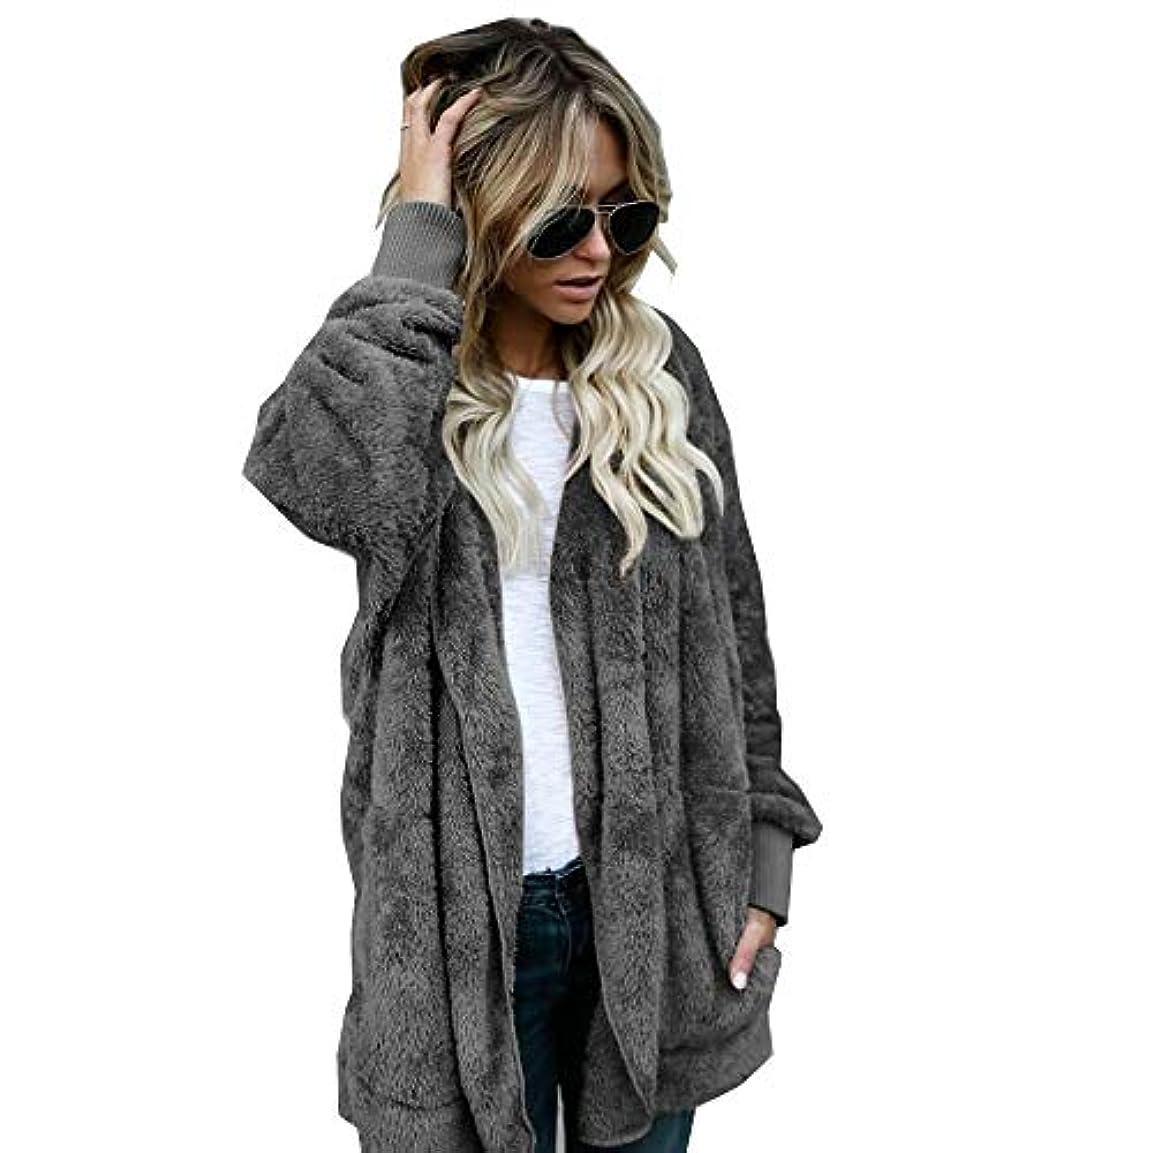 ワードローブ支援する退屈なMIFAN 長袖パーカー、冬のコート、女性のコート、女性の緩い厚く暖かいフェイクファーフード付きカーディガン